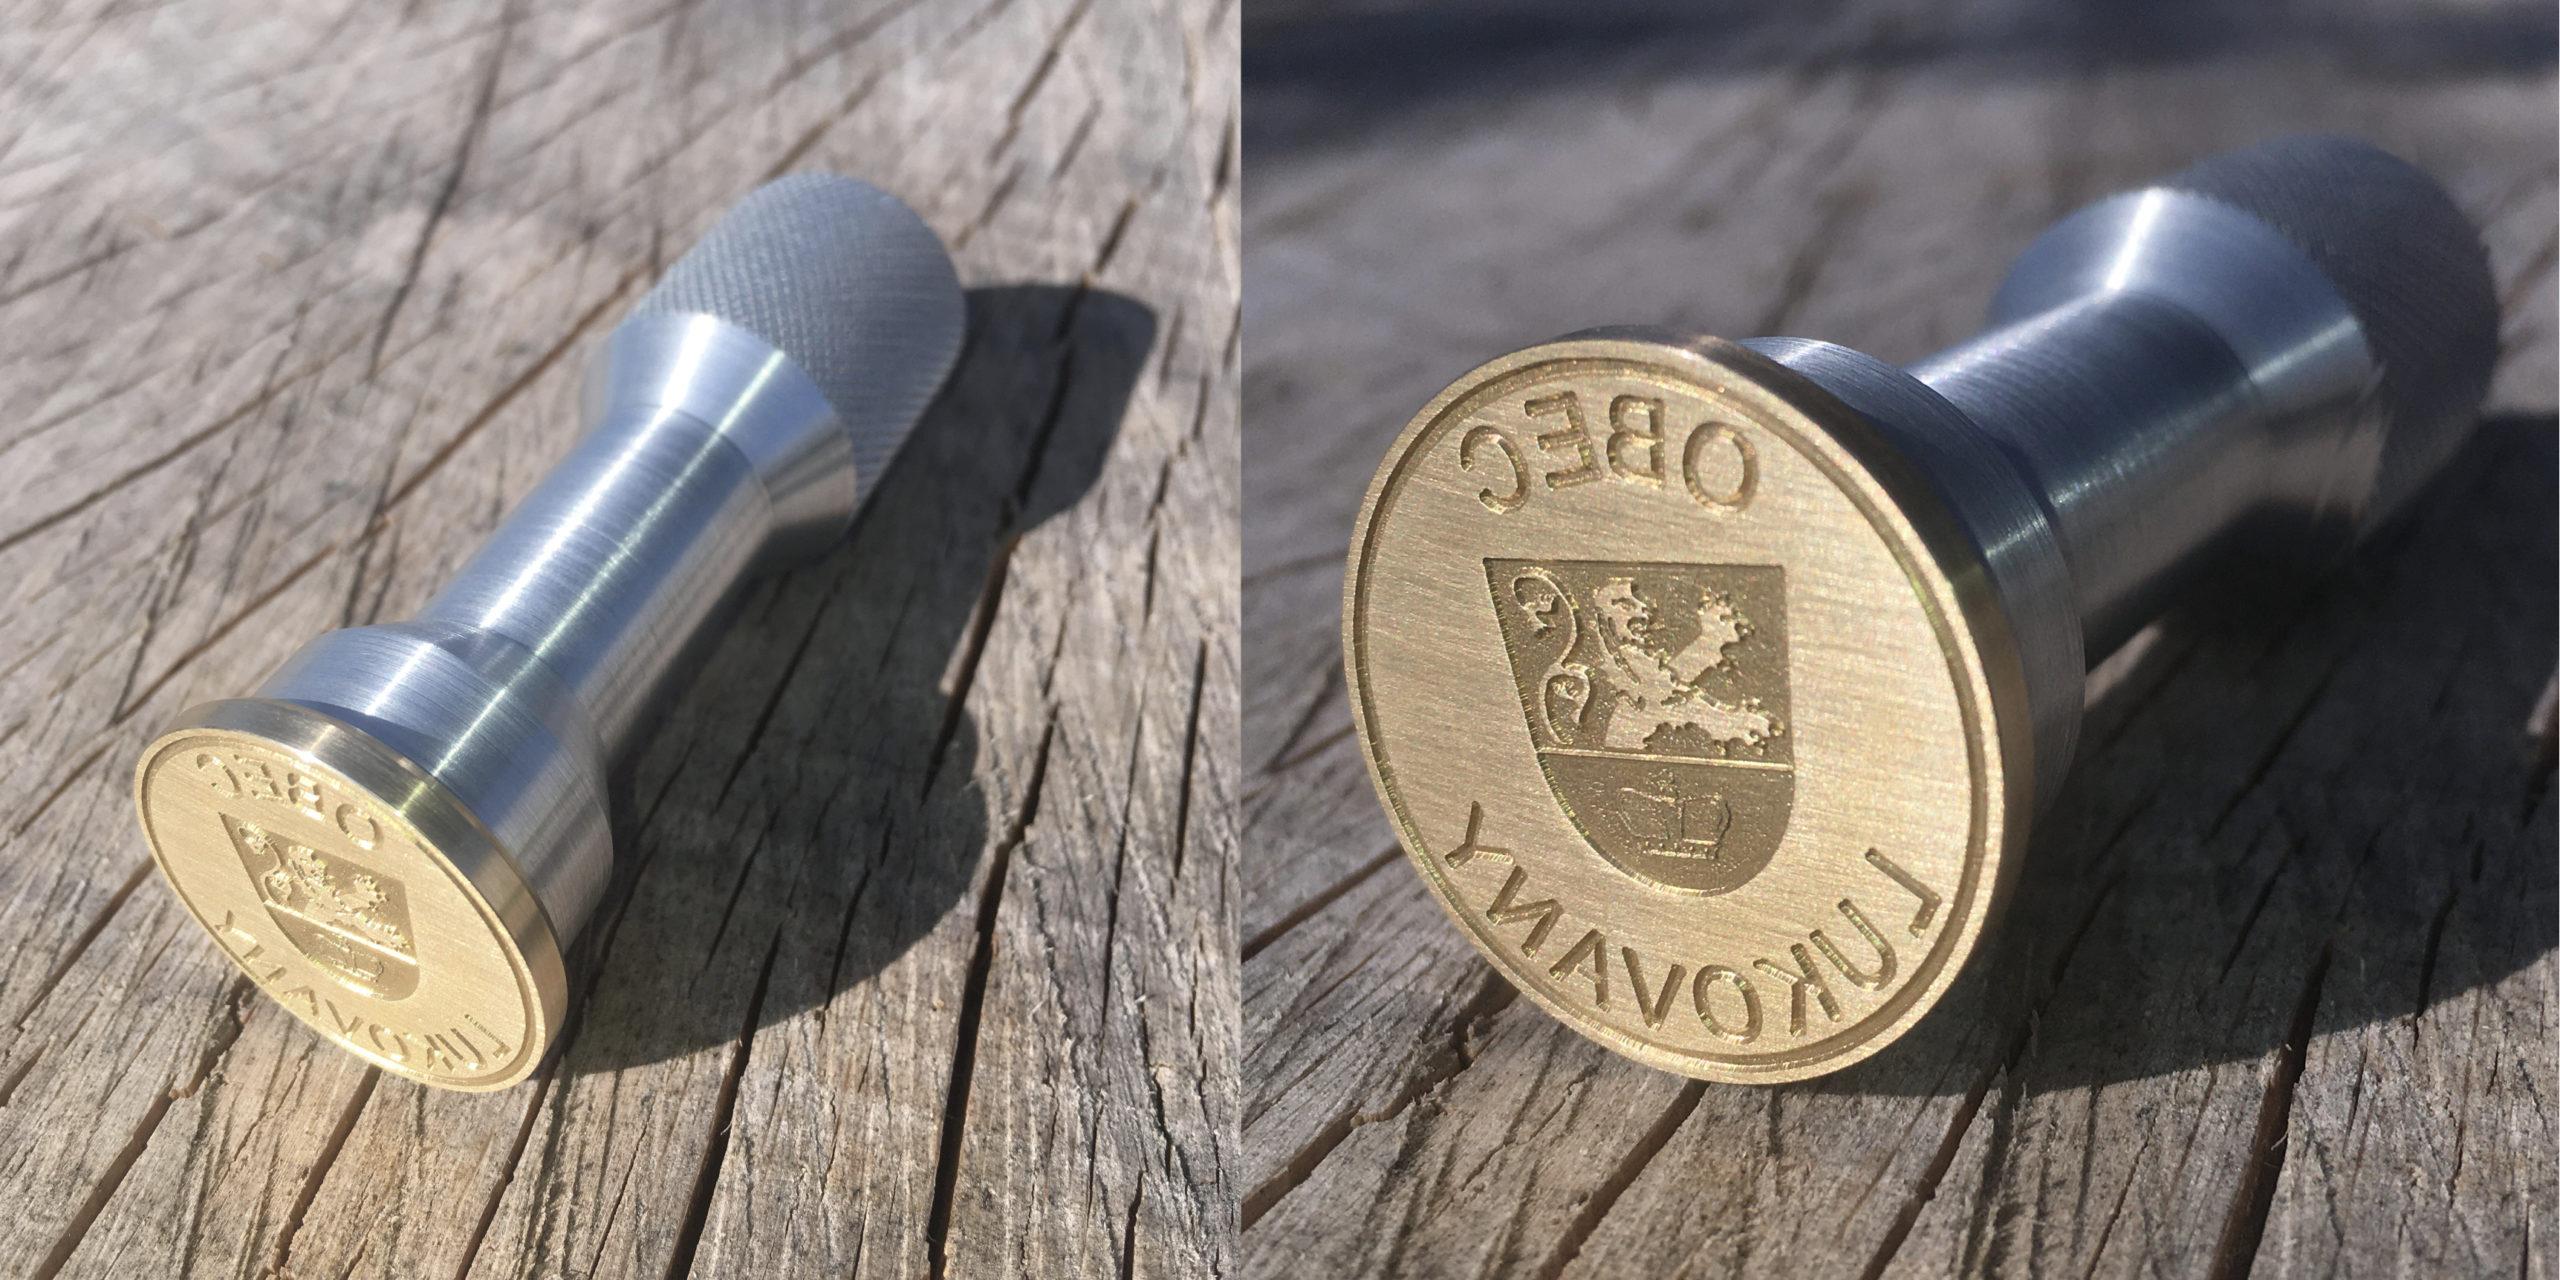 VACL Lukovany